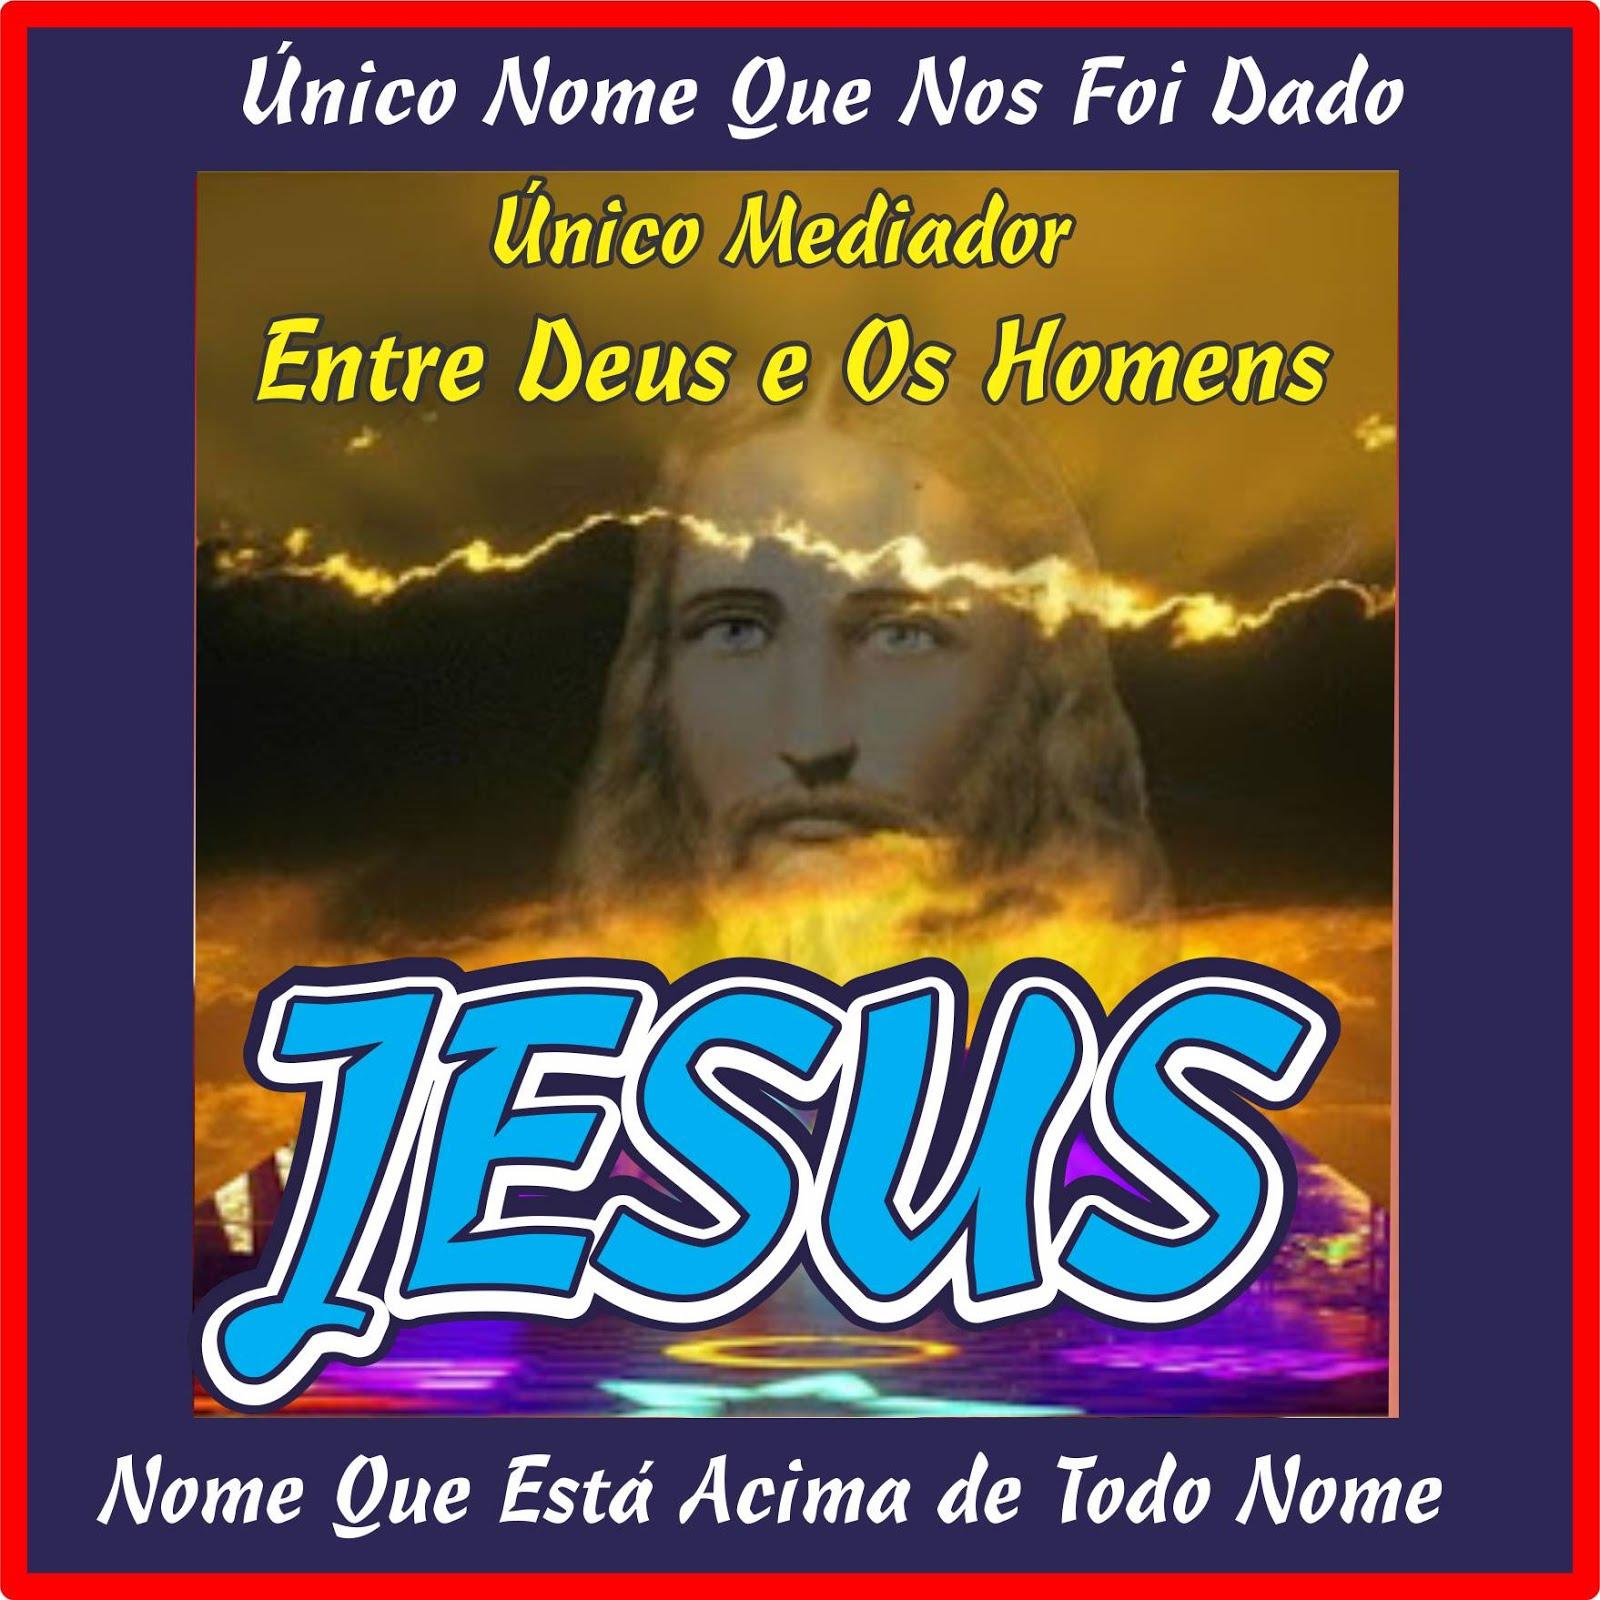 Clínica de Reabilitação Dependência Química, Àlcoolismo e Depressão Jesus Cristo